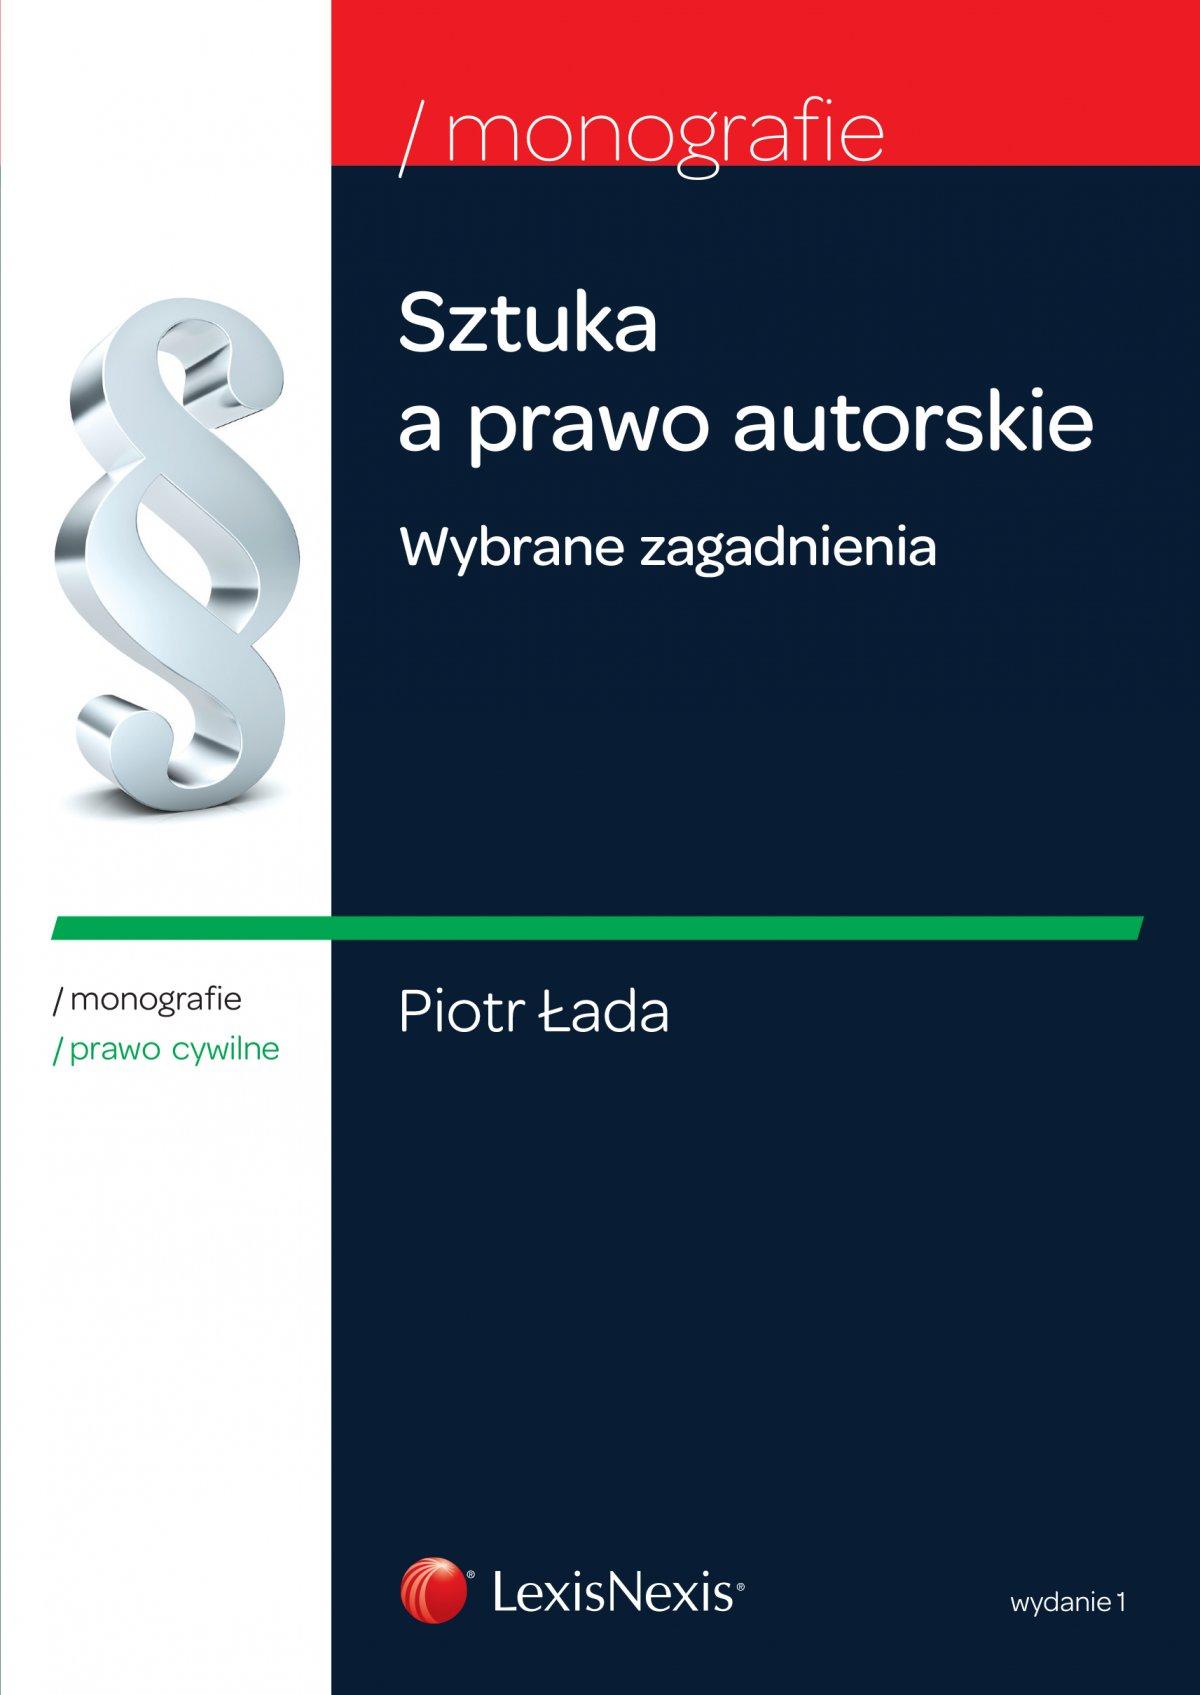 Sztuka a prawo autorskie. Wybrane zagadnienia. Wydanie 1 - Ebook (Książka EPUB) do pobrania w formacie EPUB